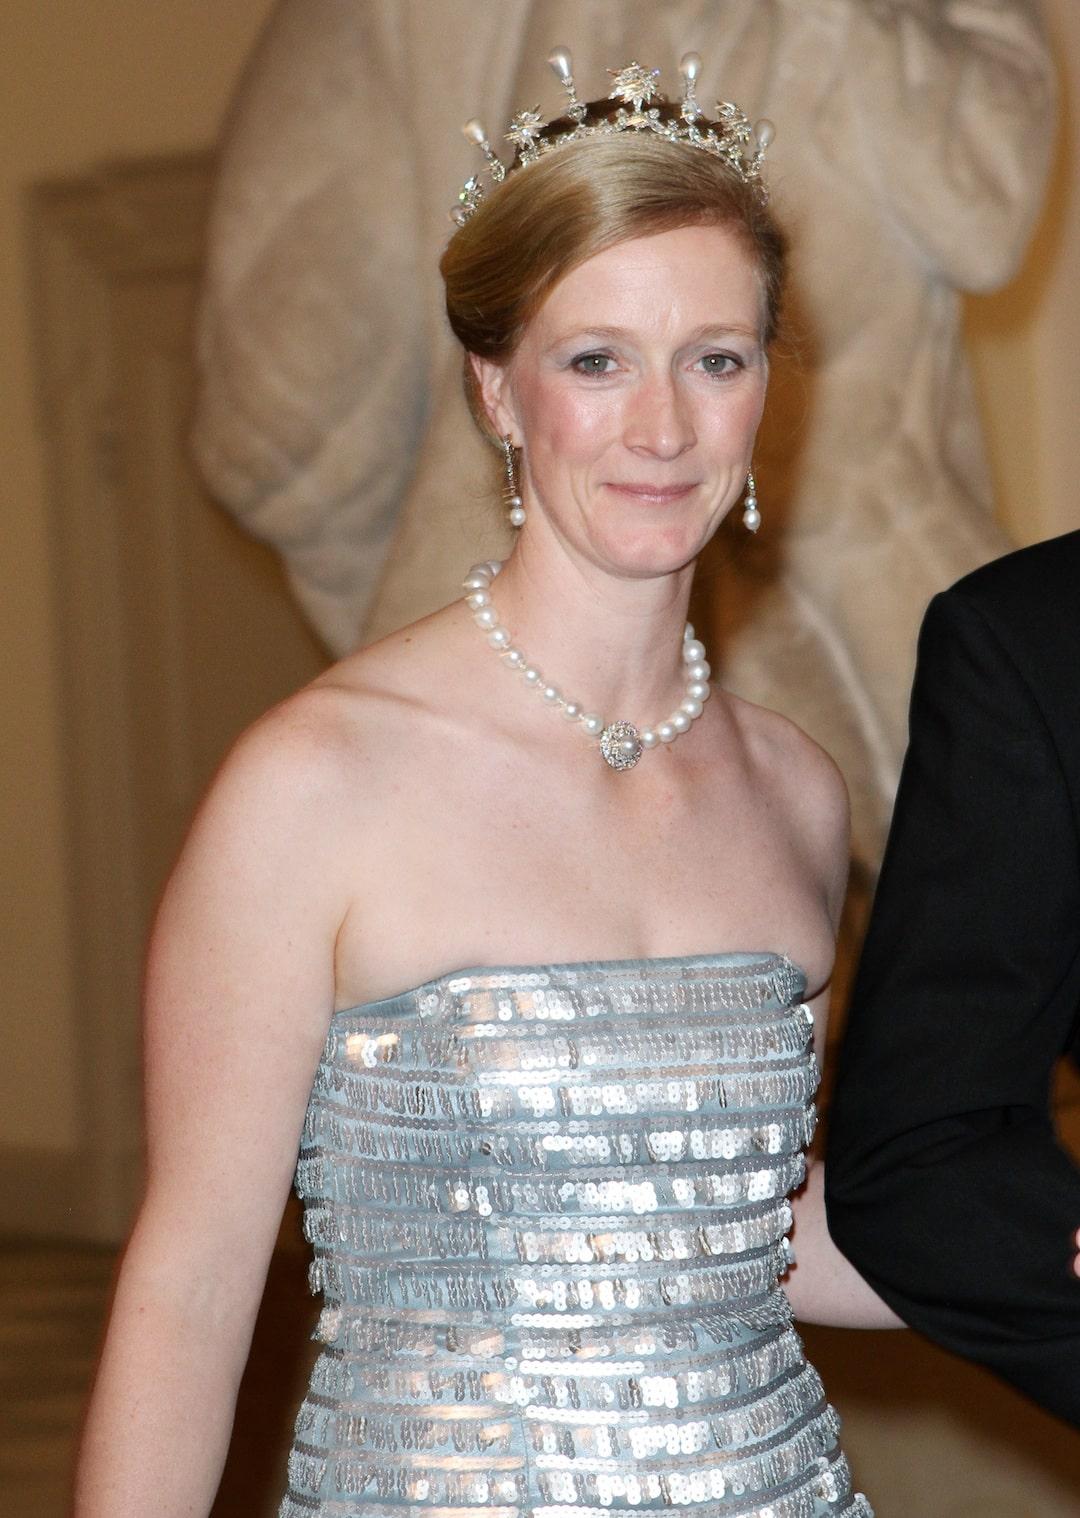 Nathalie zu Sayn-Wittgenstein, dänische Royals